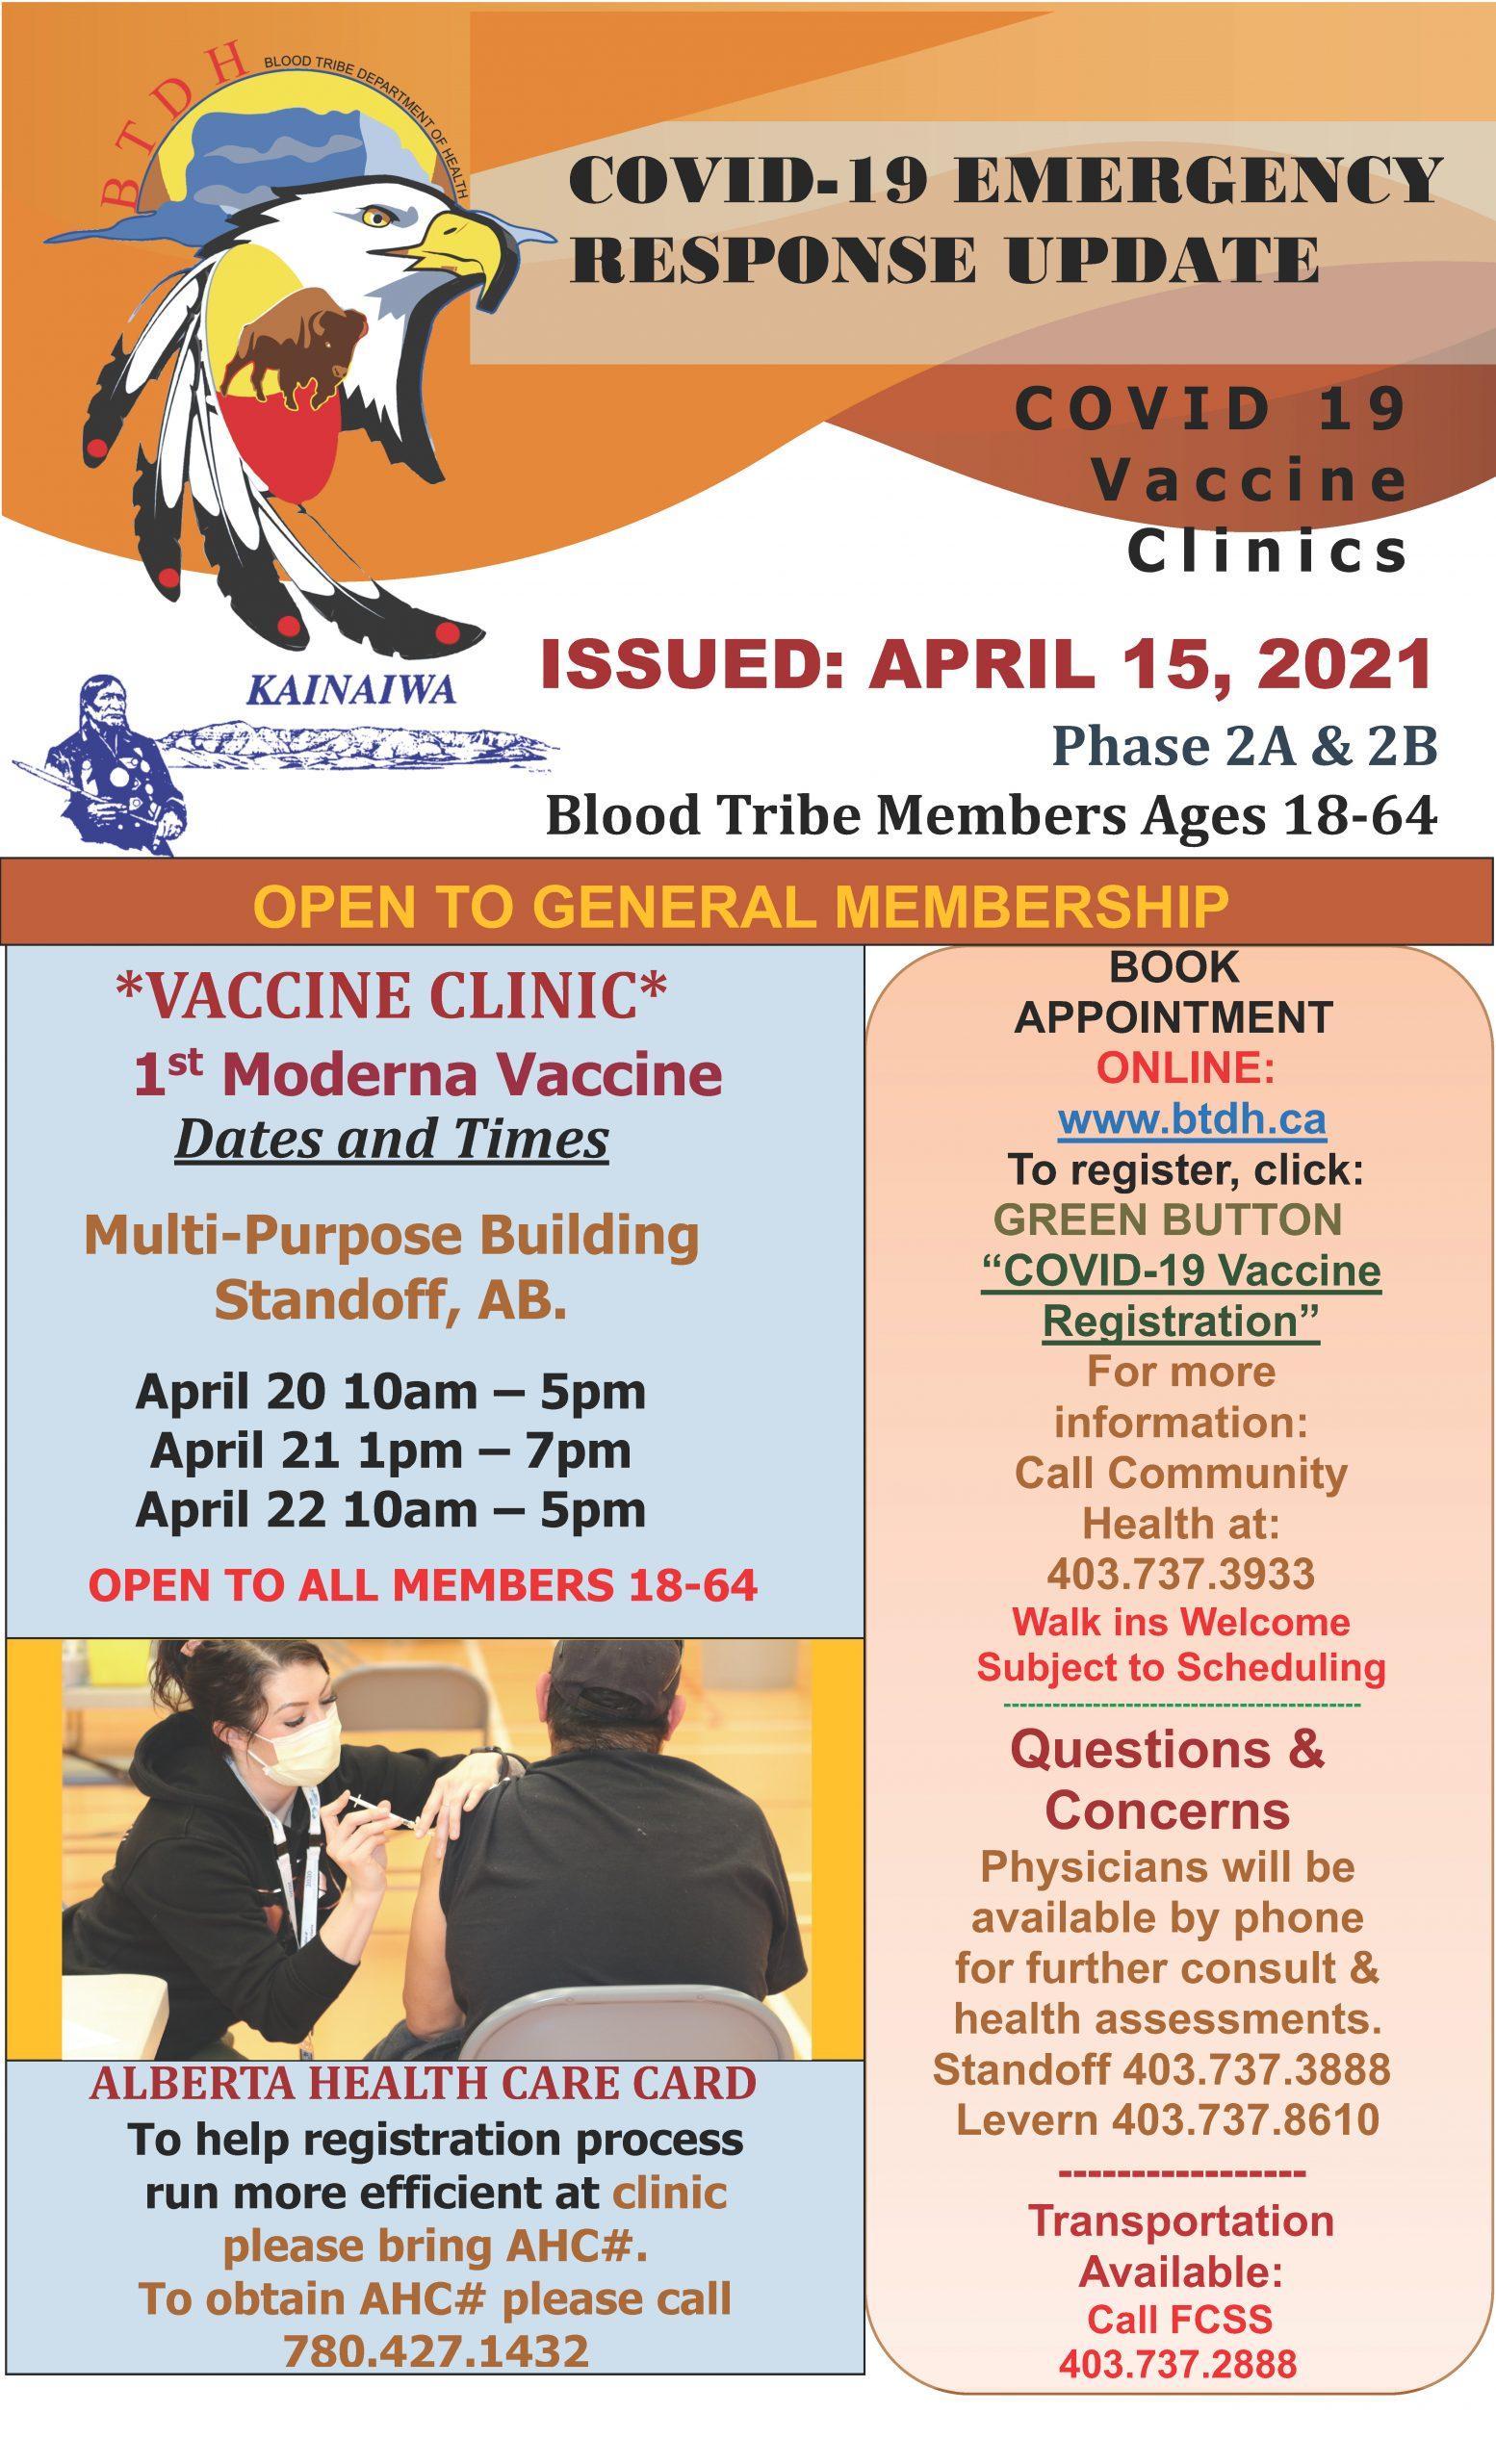 COVID-19 Vaccine Clinic Update - April 15, 2021